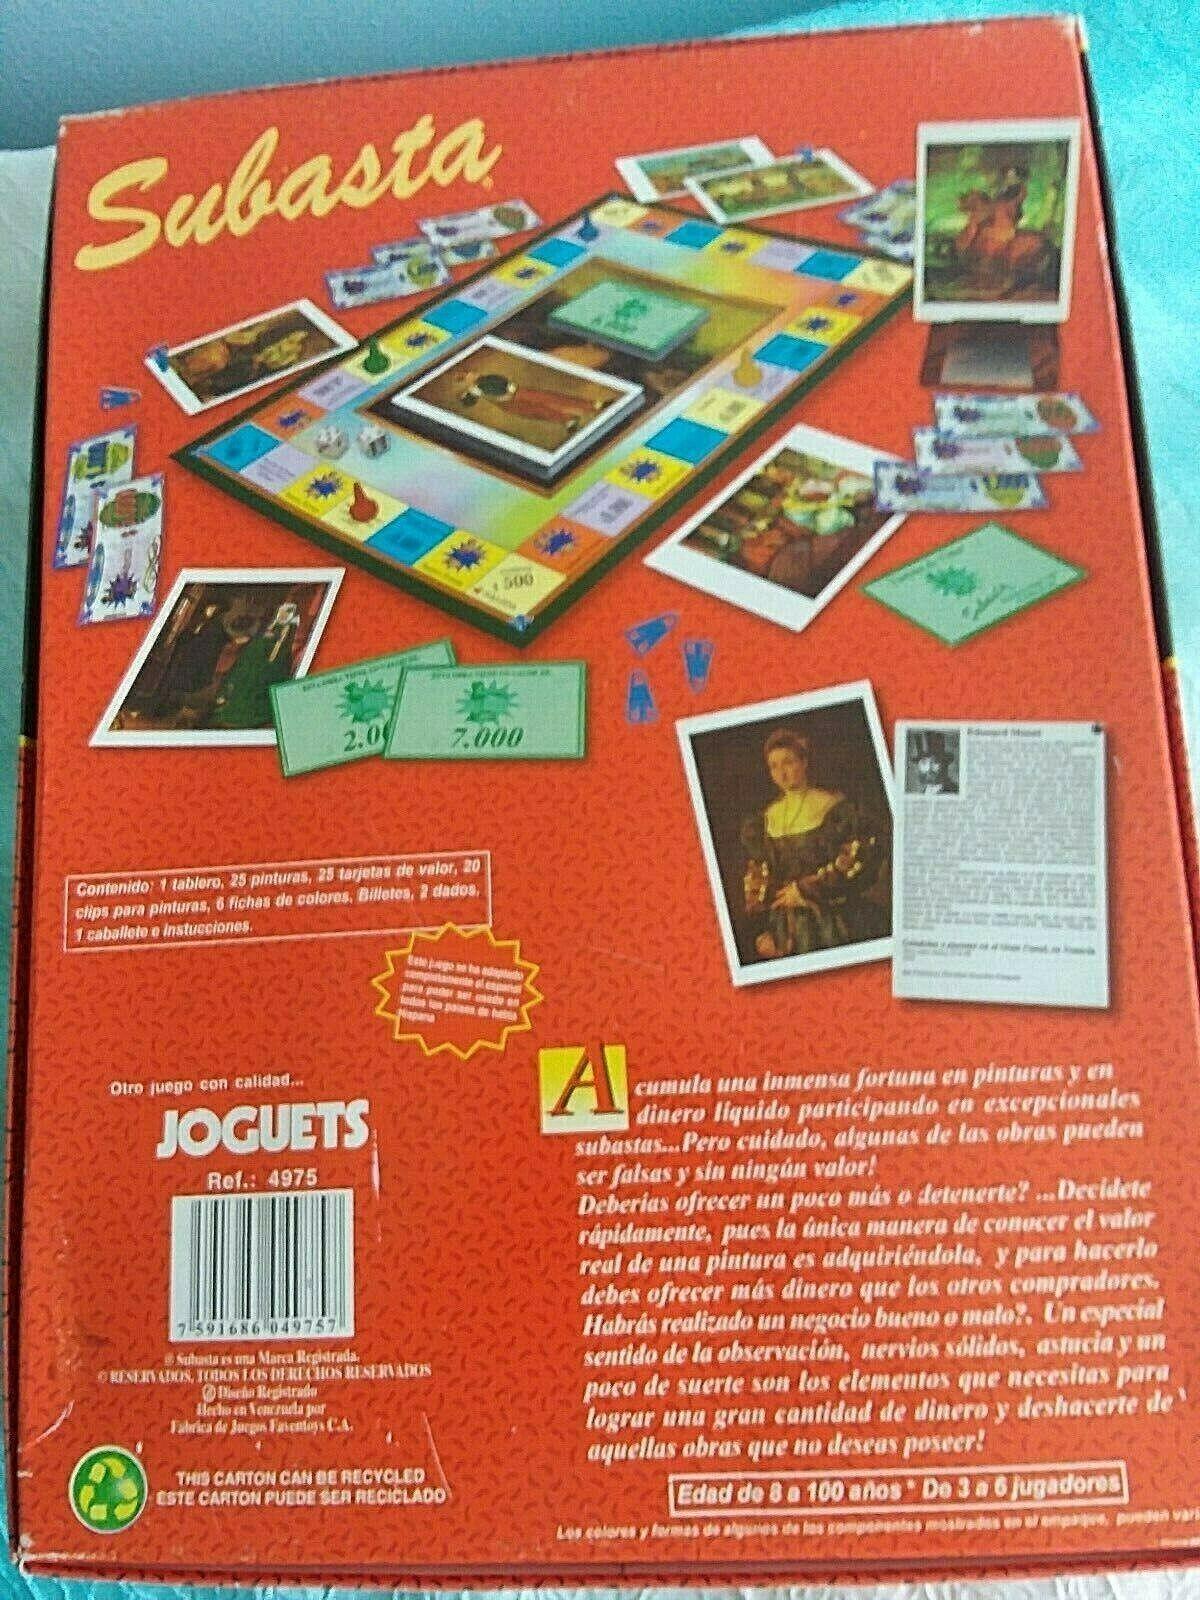 Subasta,El Juego de Compra-venta de obras de arte,4975,Vtg Board Game in Spanish